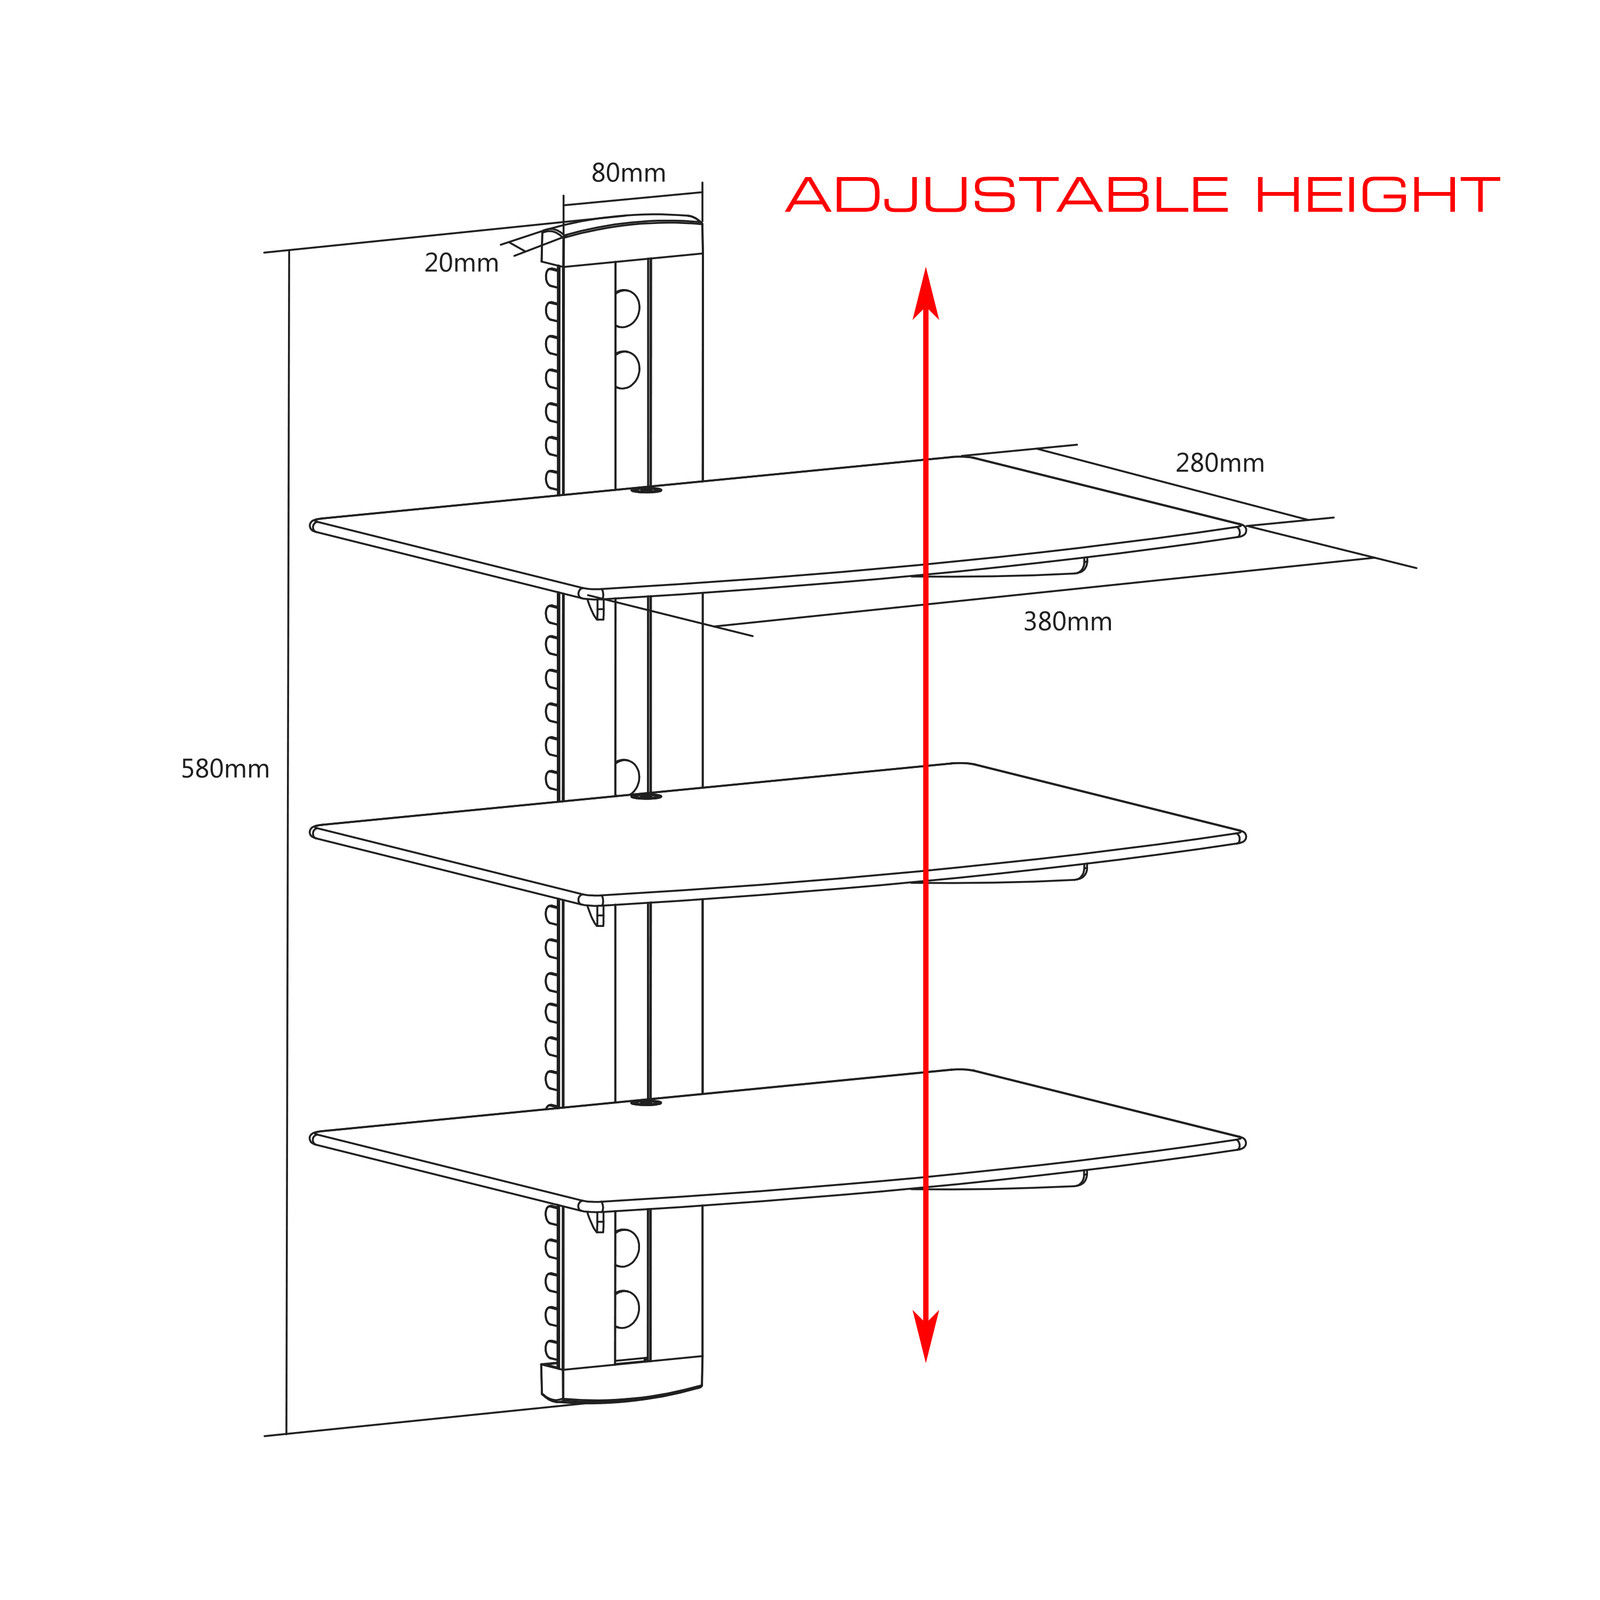 QualGear Universal Triple Shelf Wall Mount for A/V Components upto 8kgs/17.6lbs(x3), Black (QG-DB-003-BLK)